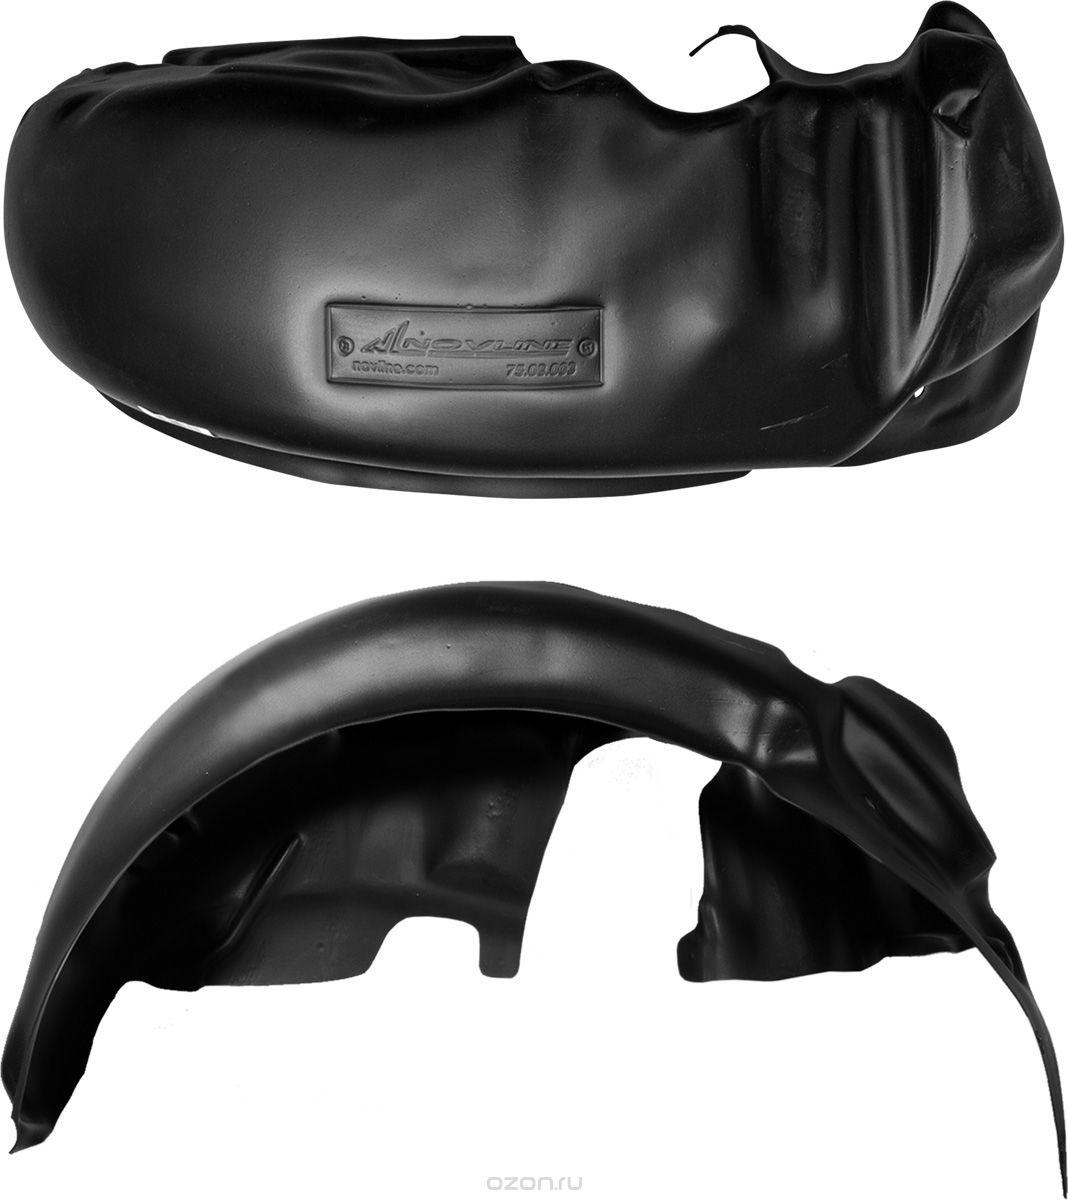 Подкрылок Novline-Autofamily, для TOYOTA Rav 4, 2012->, задний левыйNLL.48.53.003Идеальная защита колесной ниши. Локеры разработаны с применением цифровых технологий, гарантируют максимальную повторяемость поверхности арки. Изделия устанавливаются без нарушения лакокрасочного покрытия автомобиля, каждый подкрылок комплектуется крепежом. Уважаемые клиенты, обращаем ваше внимание, что фотографии на подкрылки универсальные и не отражают реальную форму изделия. При этом само изделие идет точно под размер указанного автомобиля.